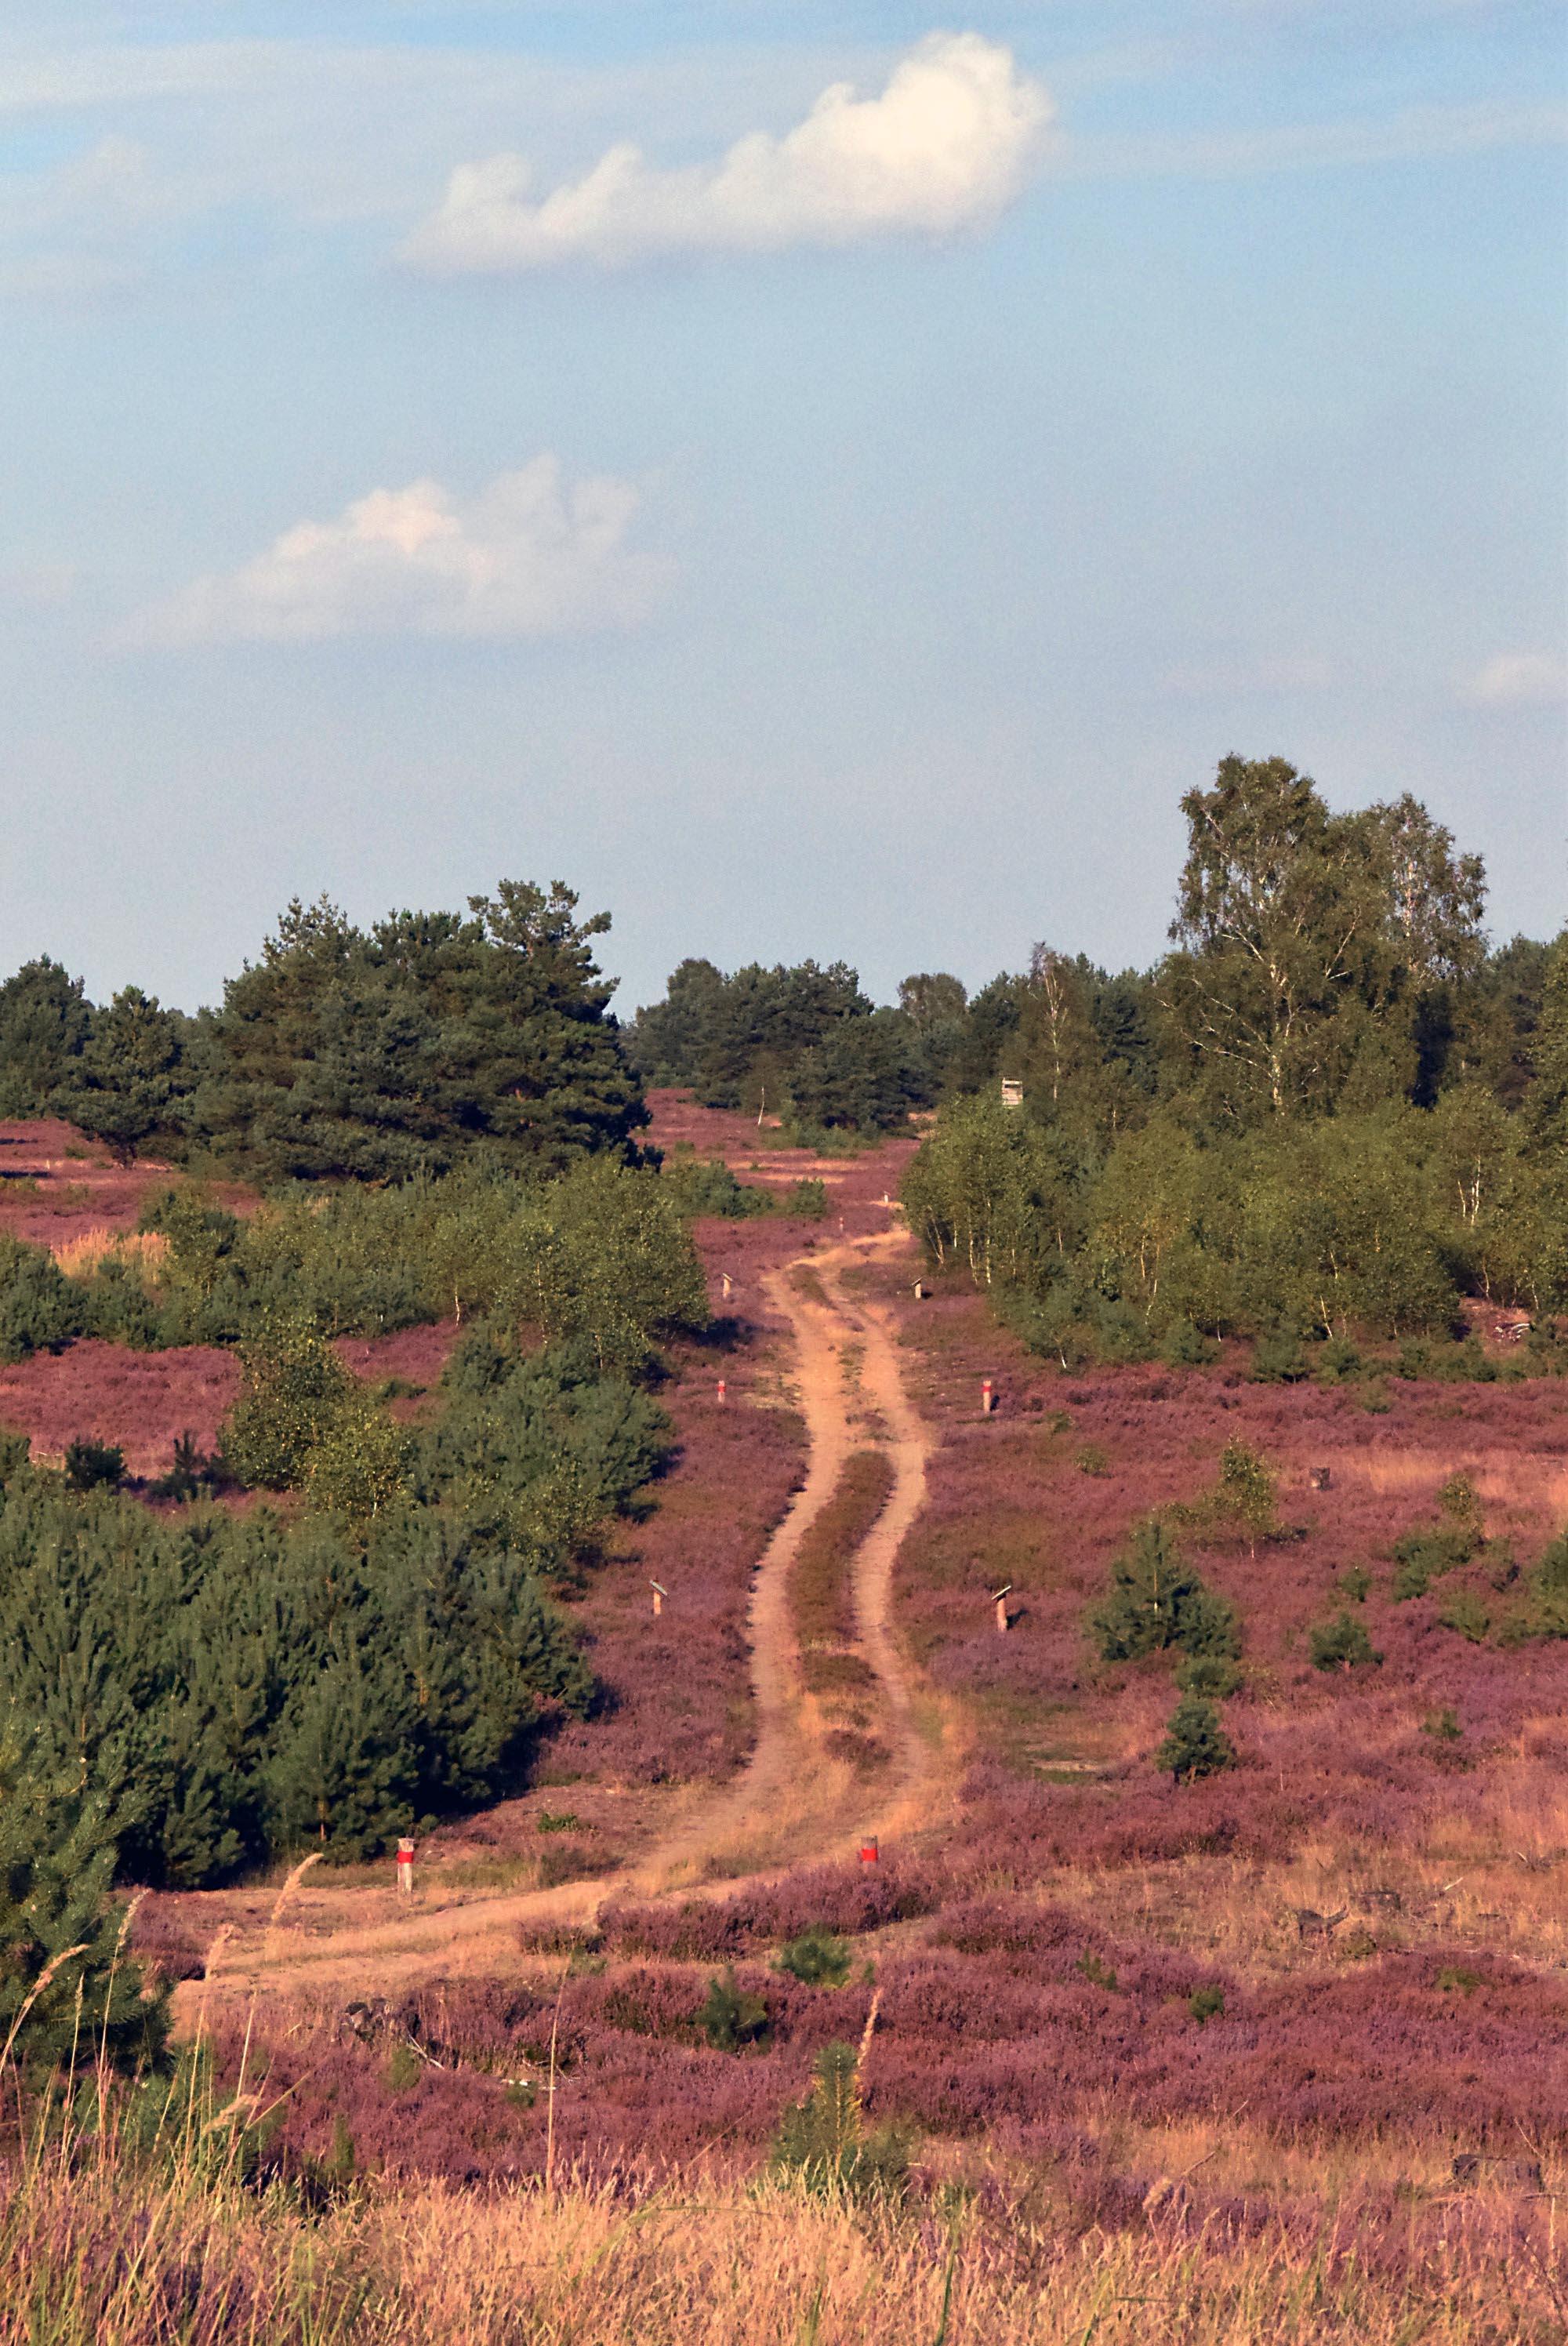 Blühende Heidelandschaft. In der Mitte befindet sich ein Weg.